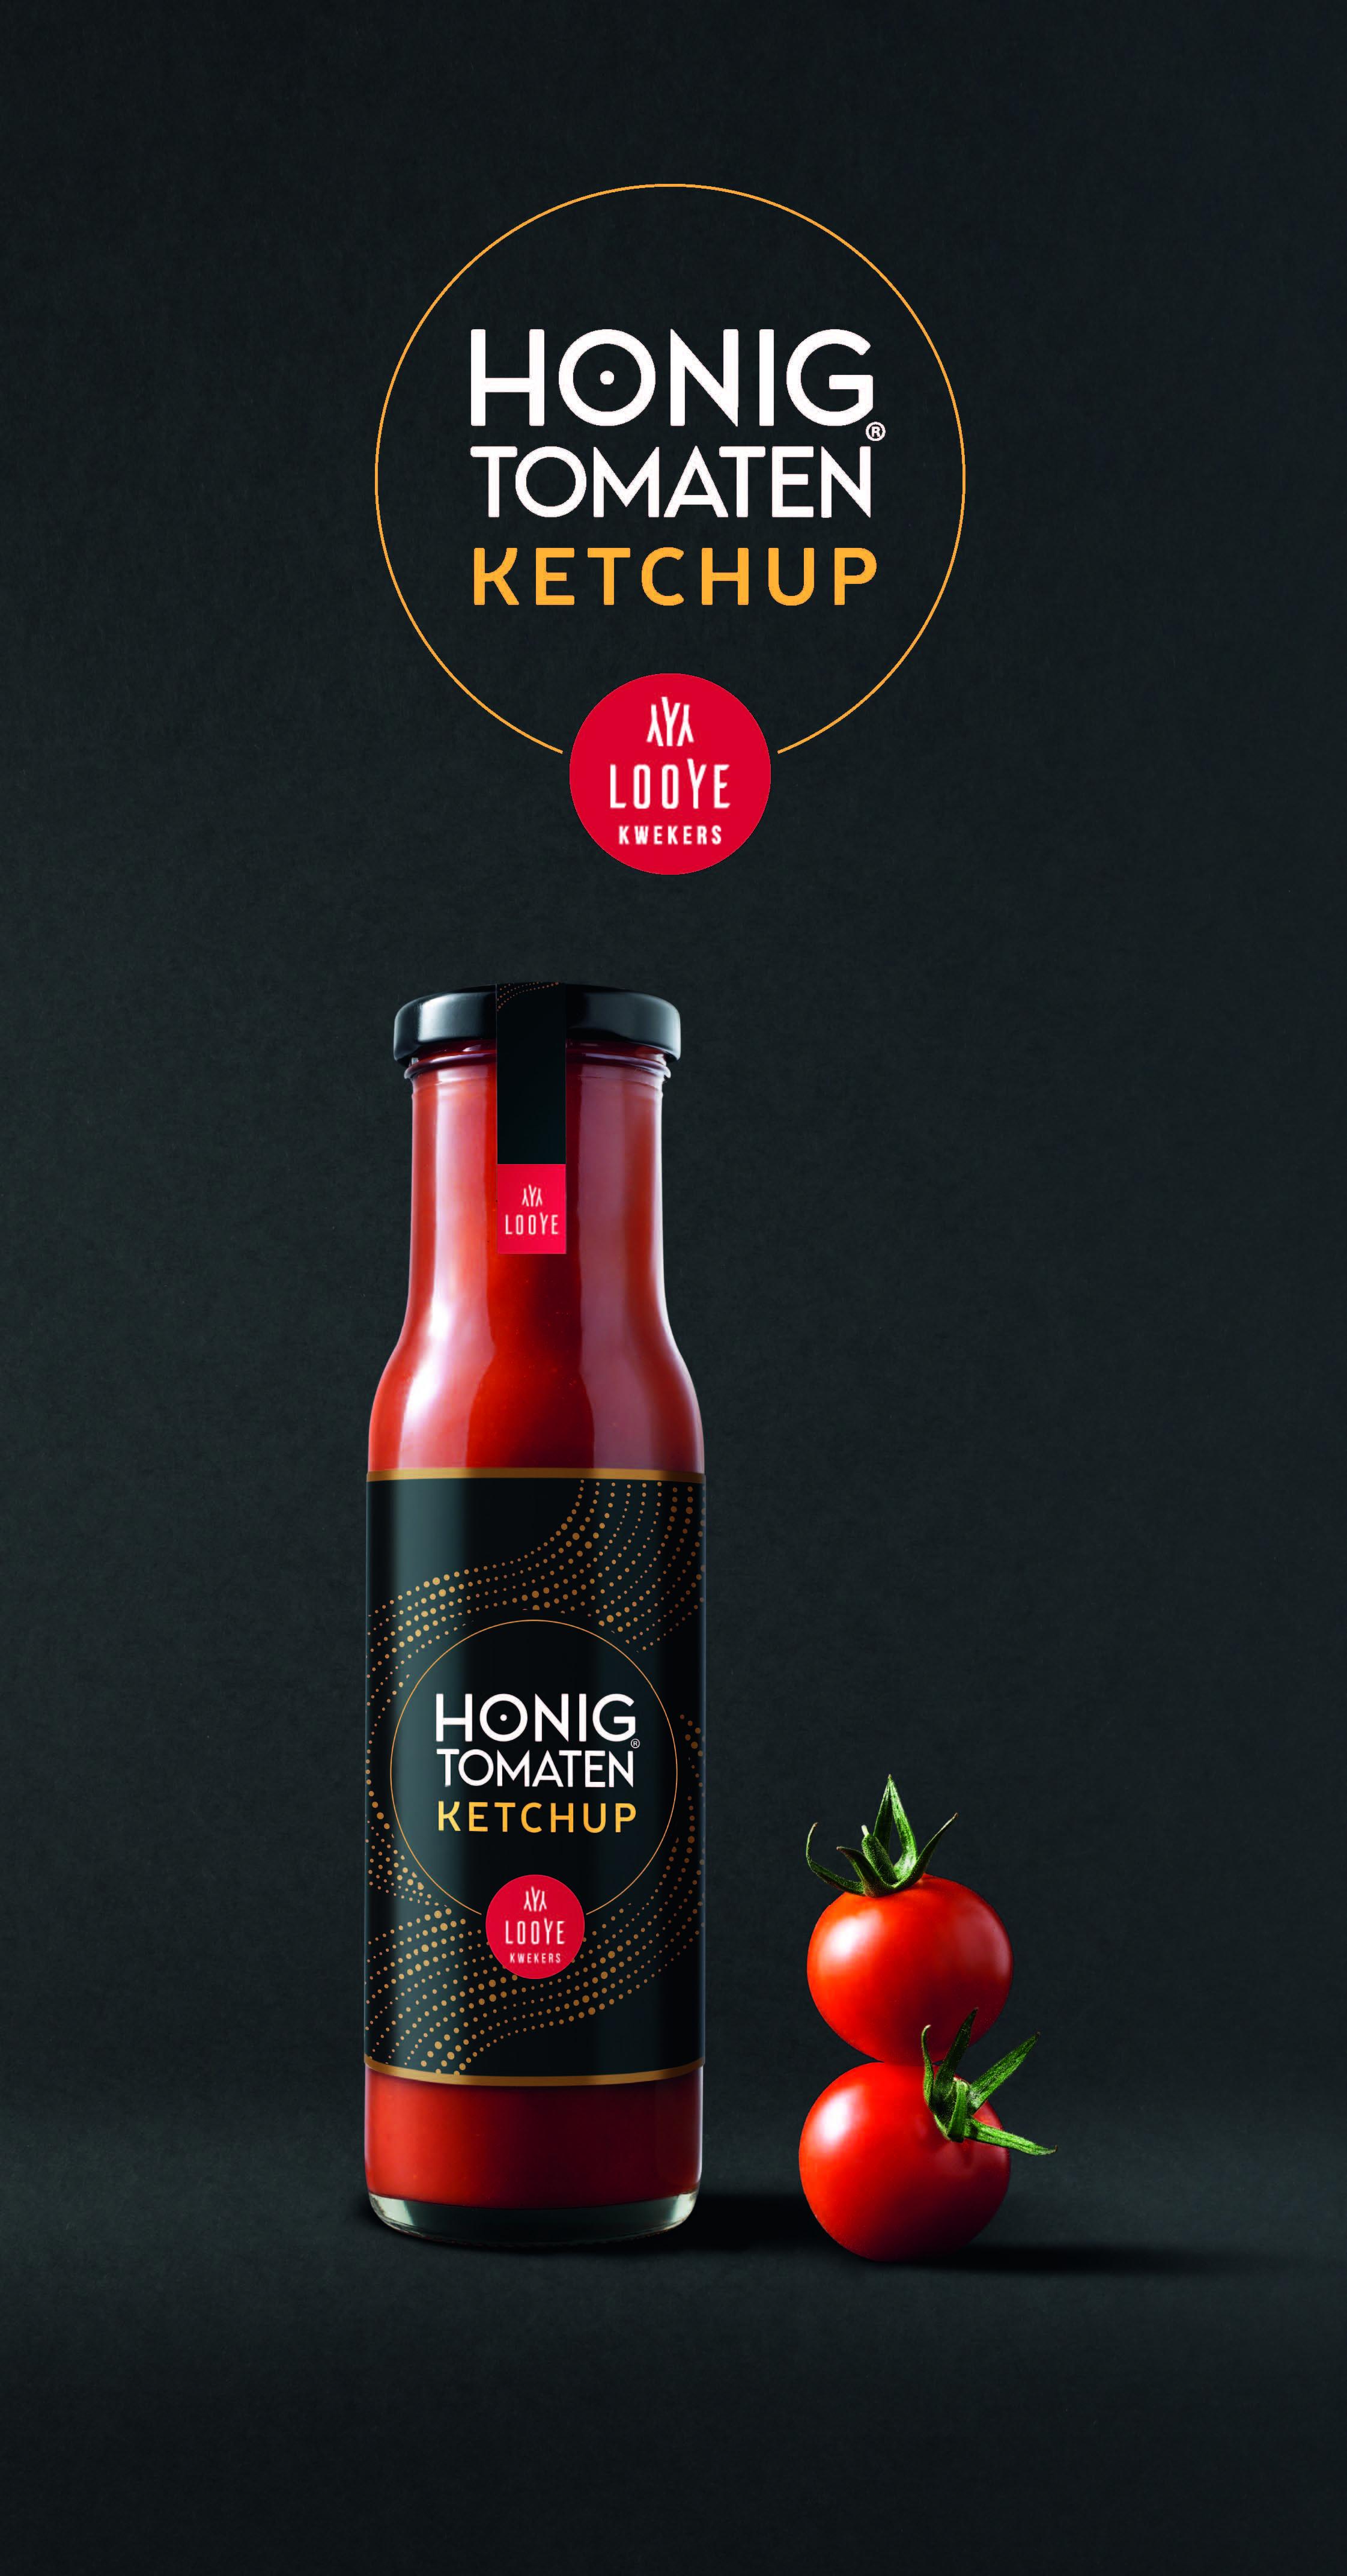 Honig Tomaten Ketchup